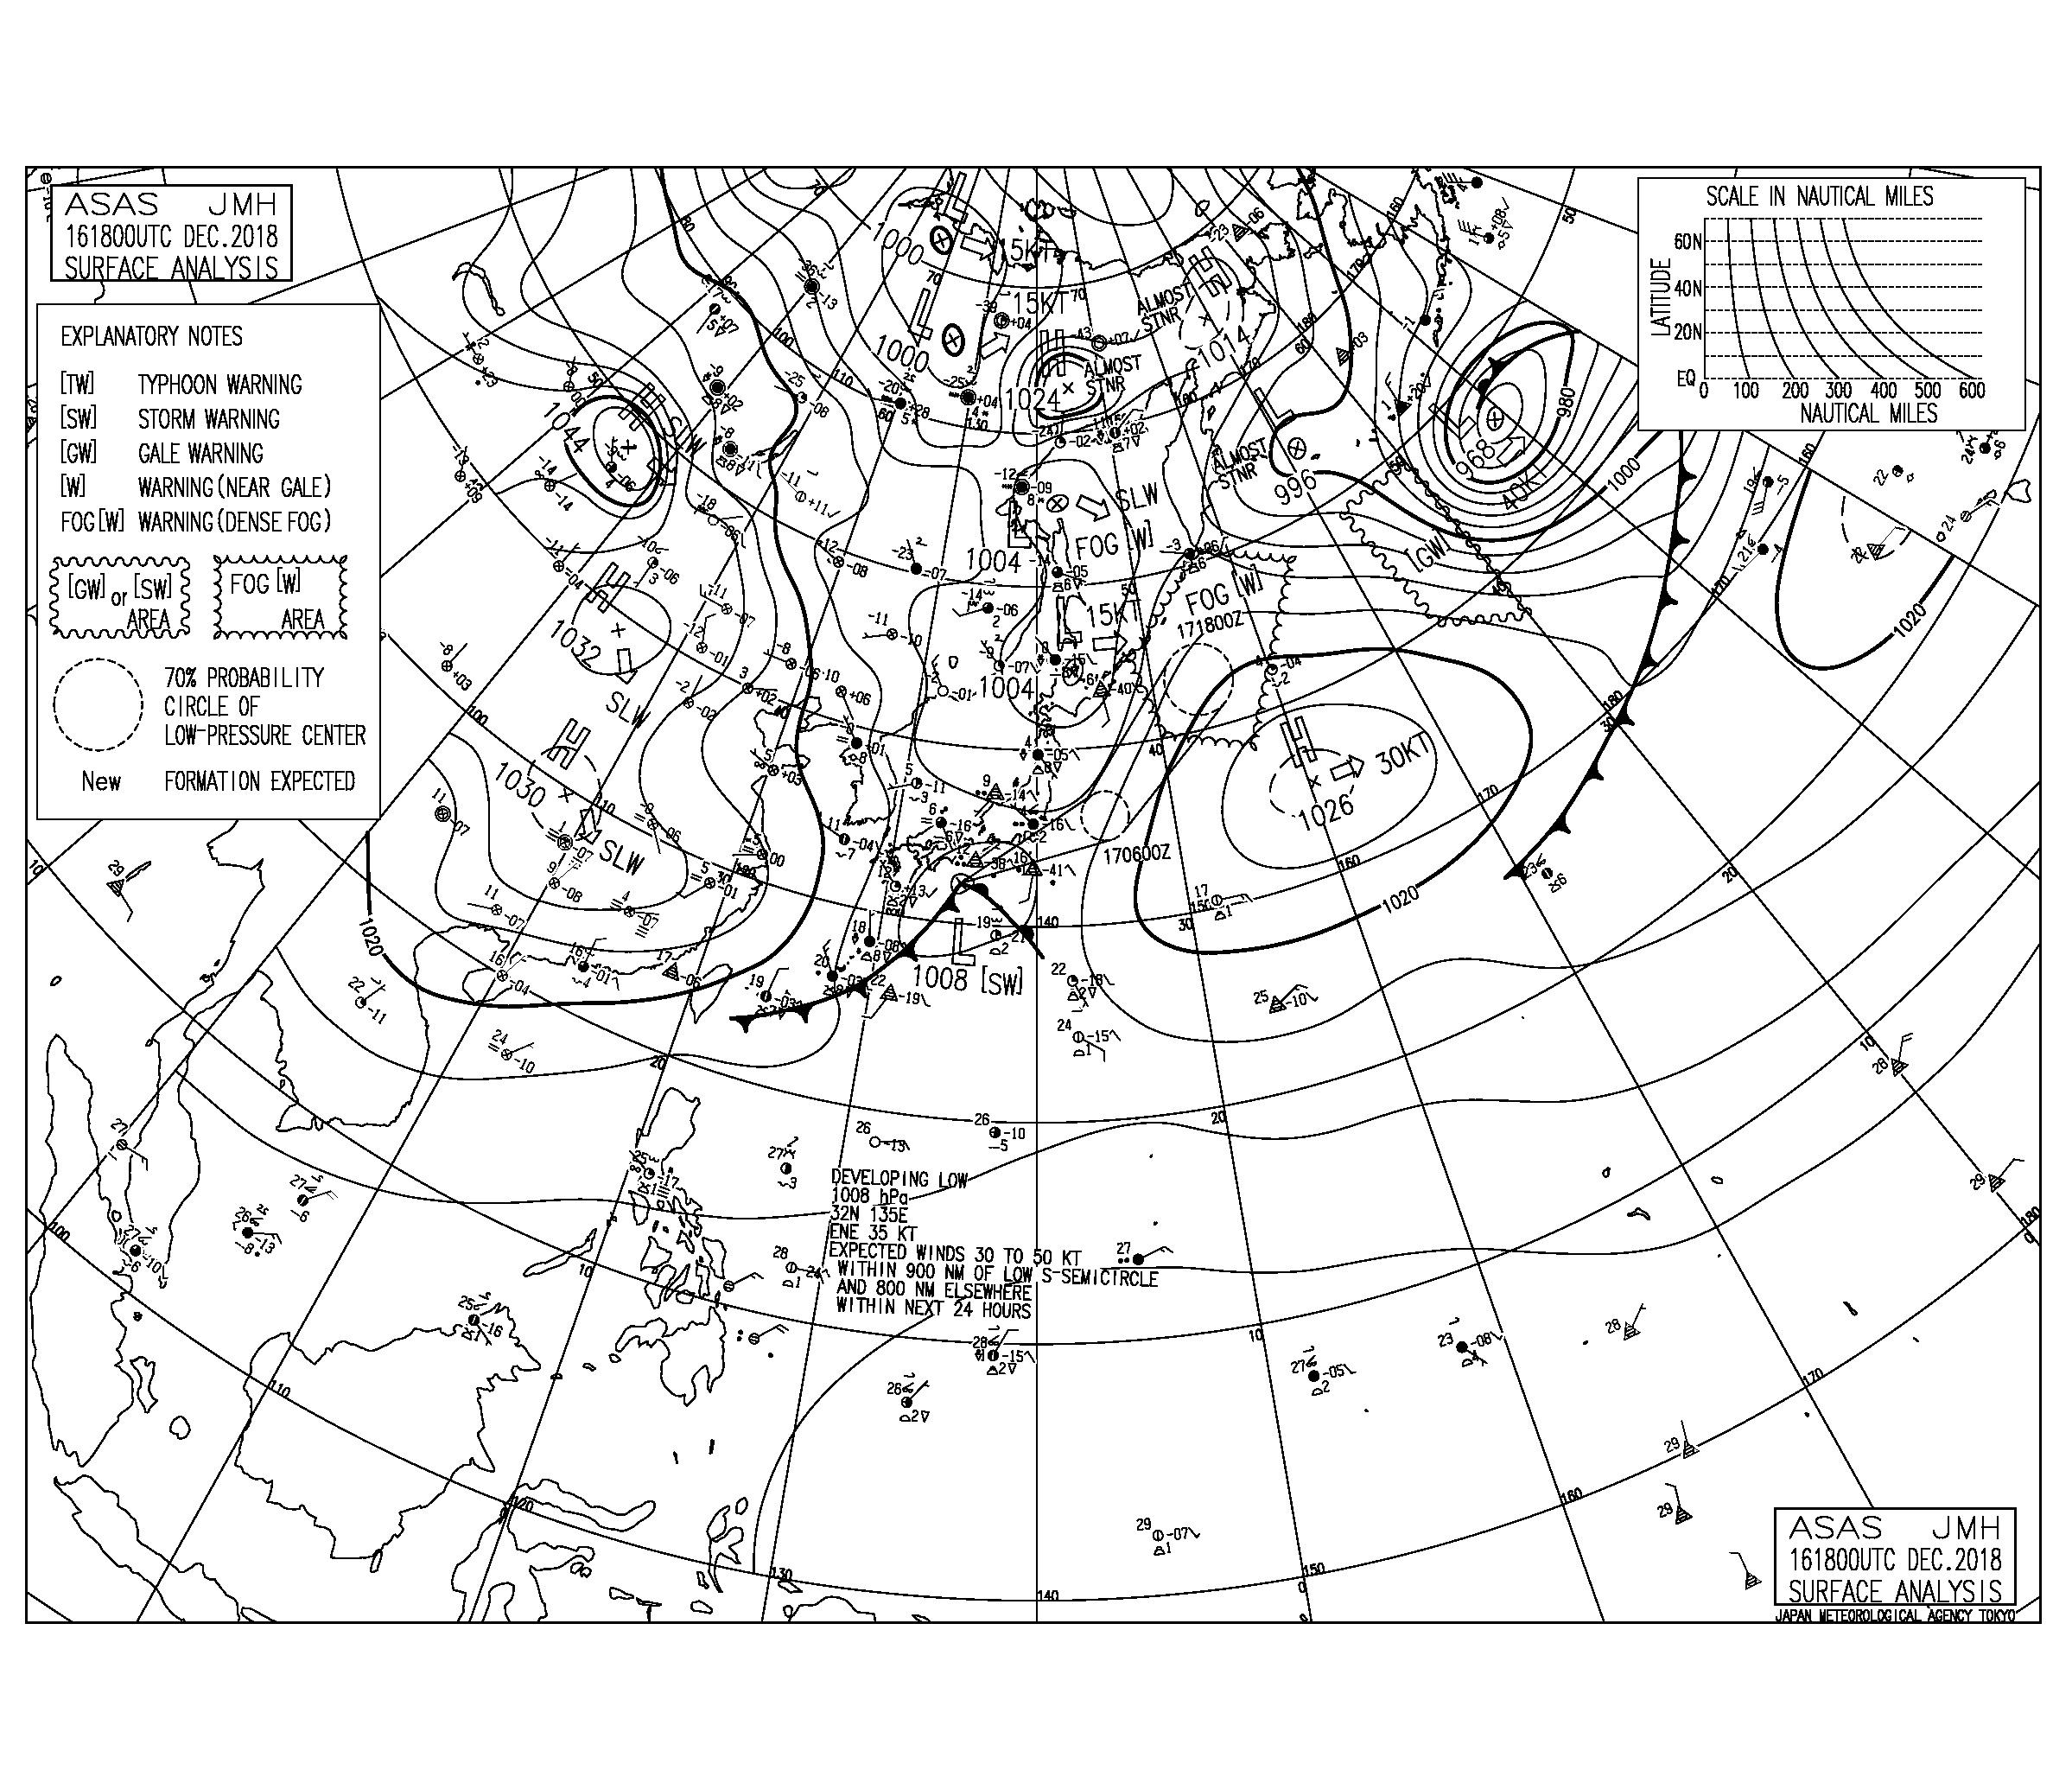 南岸低気圧が通過して昼過ぎから湘南もサイズアップしてきそう,今週は比較的暖かい1週間に(181217)